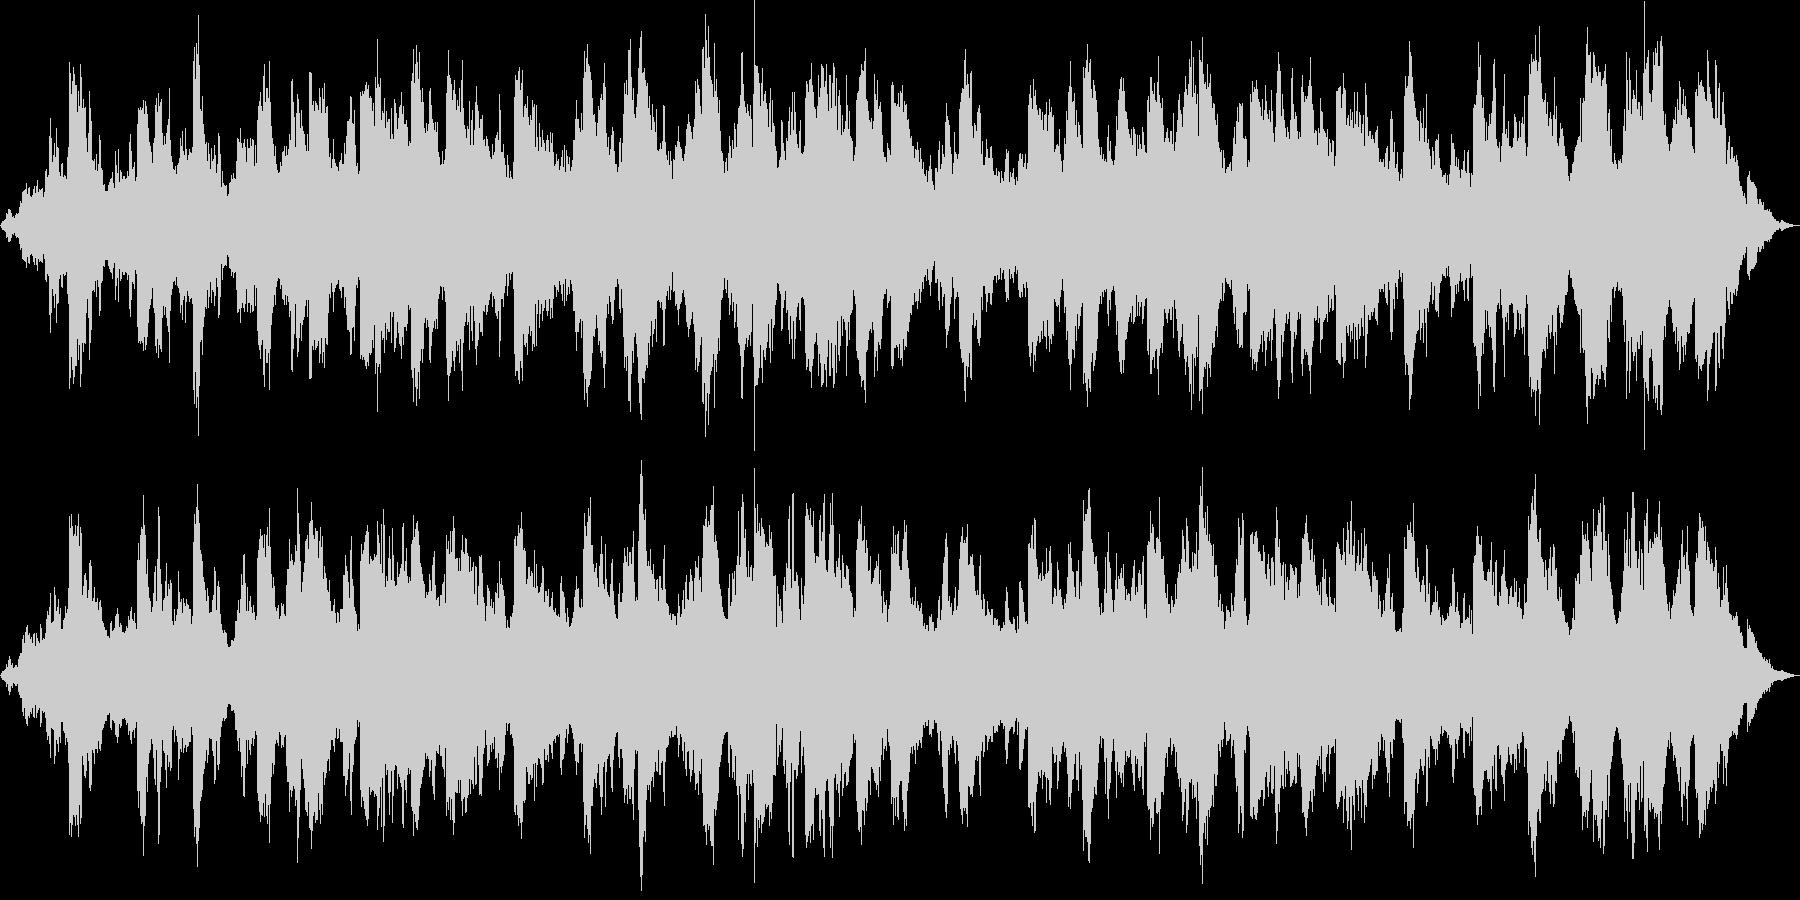 宇宙的で平和的なアンビエント_波の音入りの未再生の波形